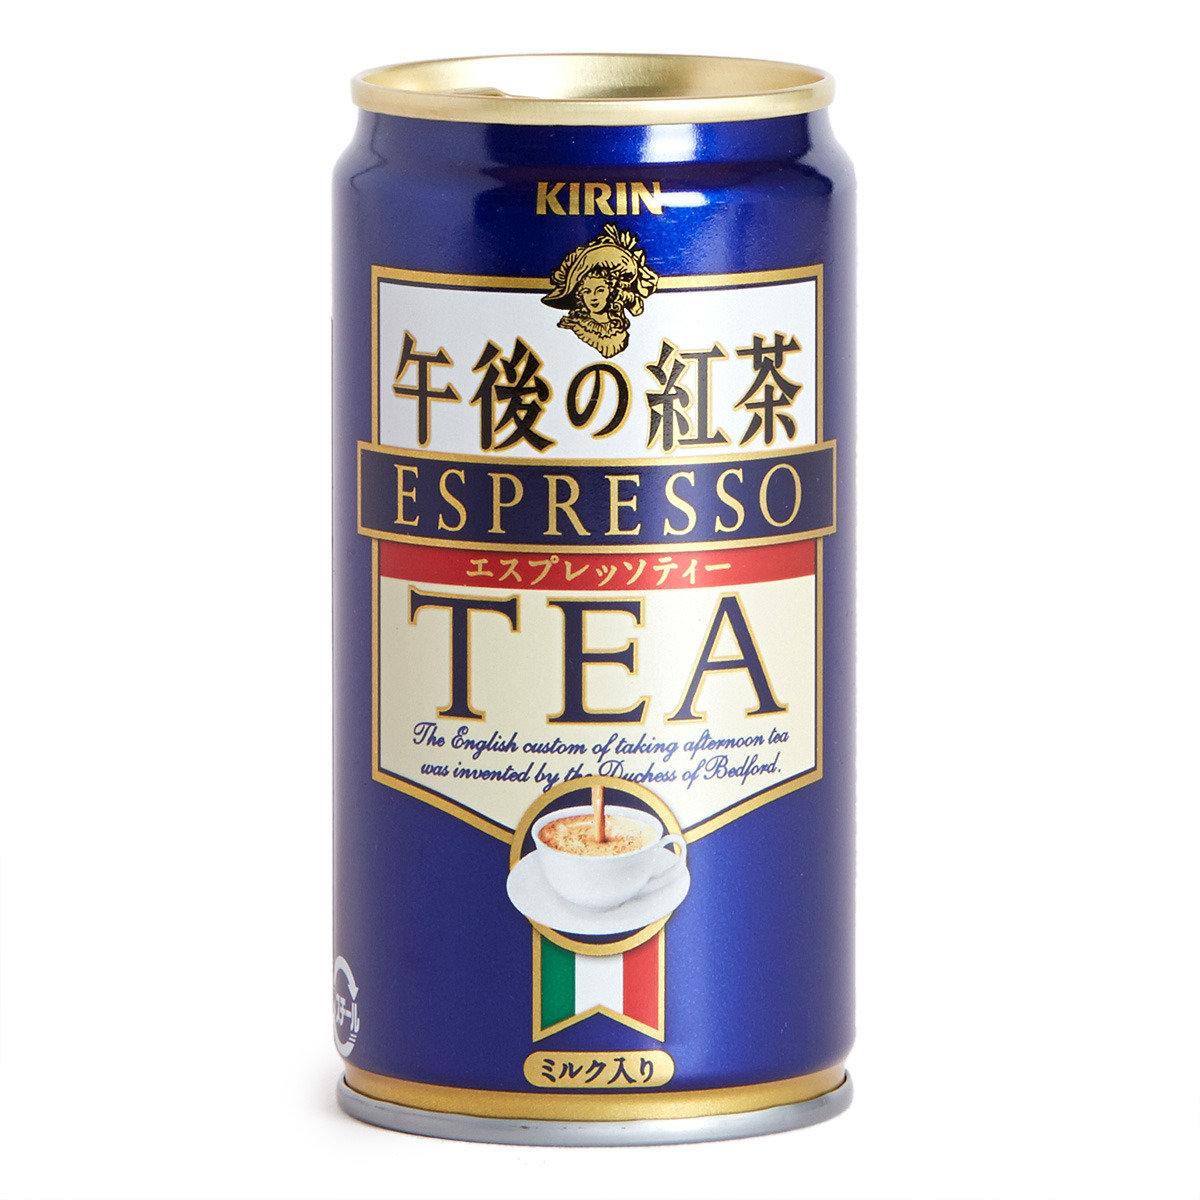 午後紅茶(特濃)